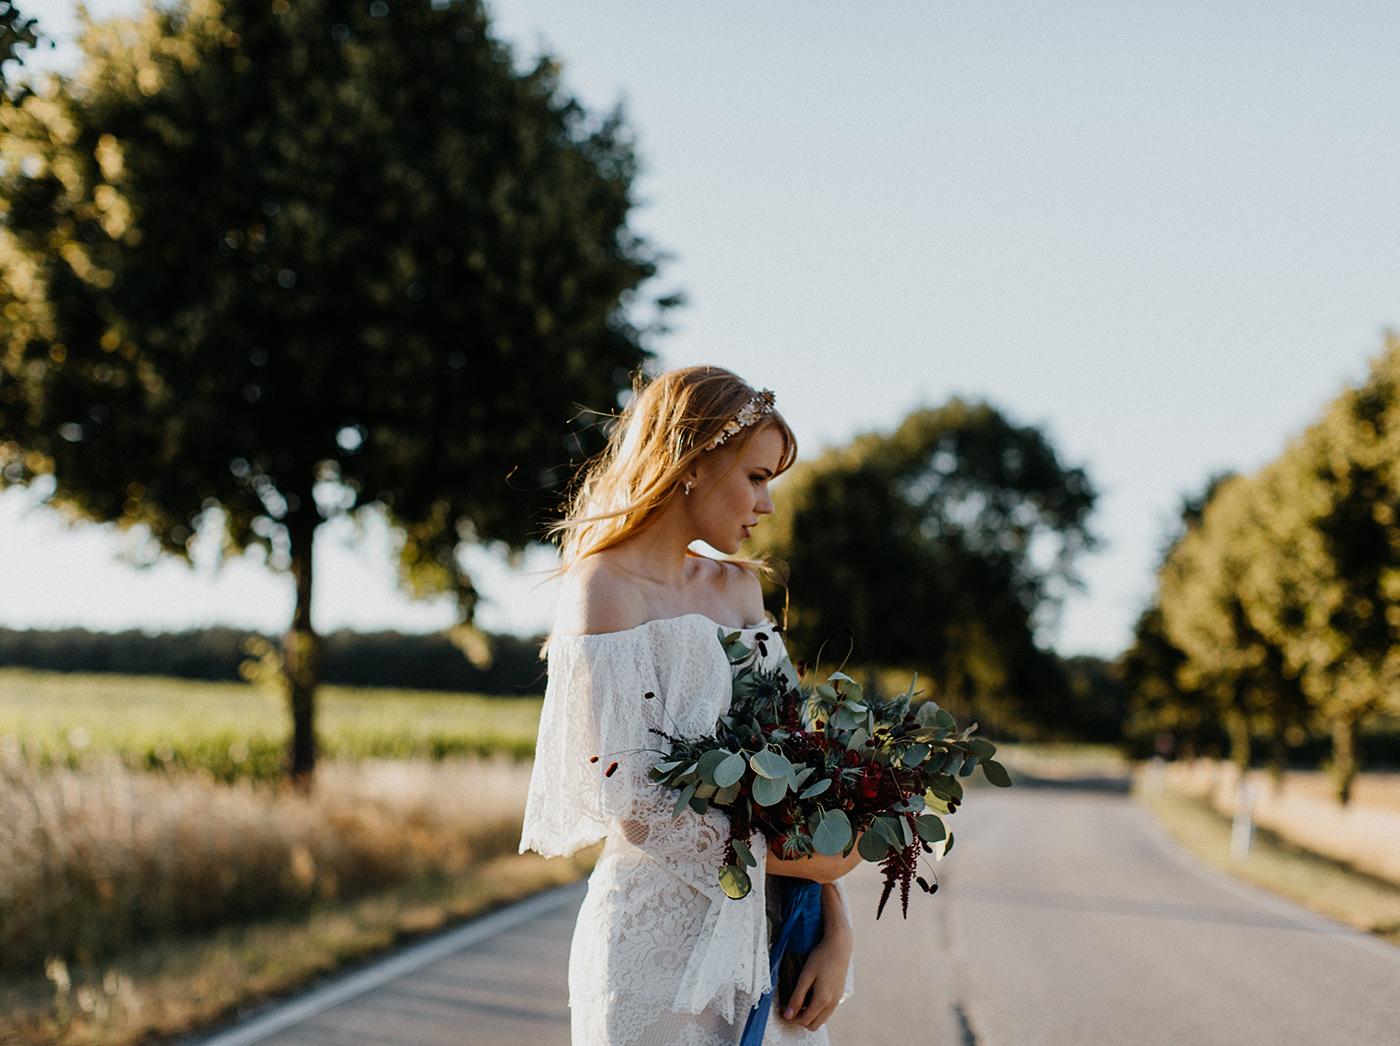 Traumanufaktur_Hochzeitsspeicher_an_der_Elbe_hamburg_Boitzenburg_43.jpg